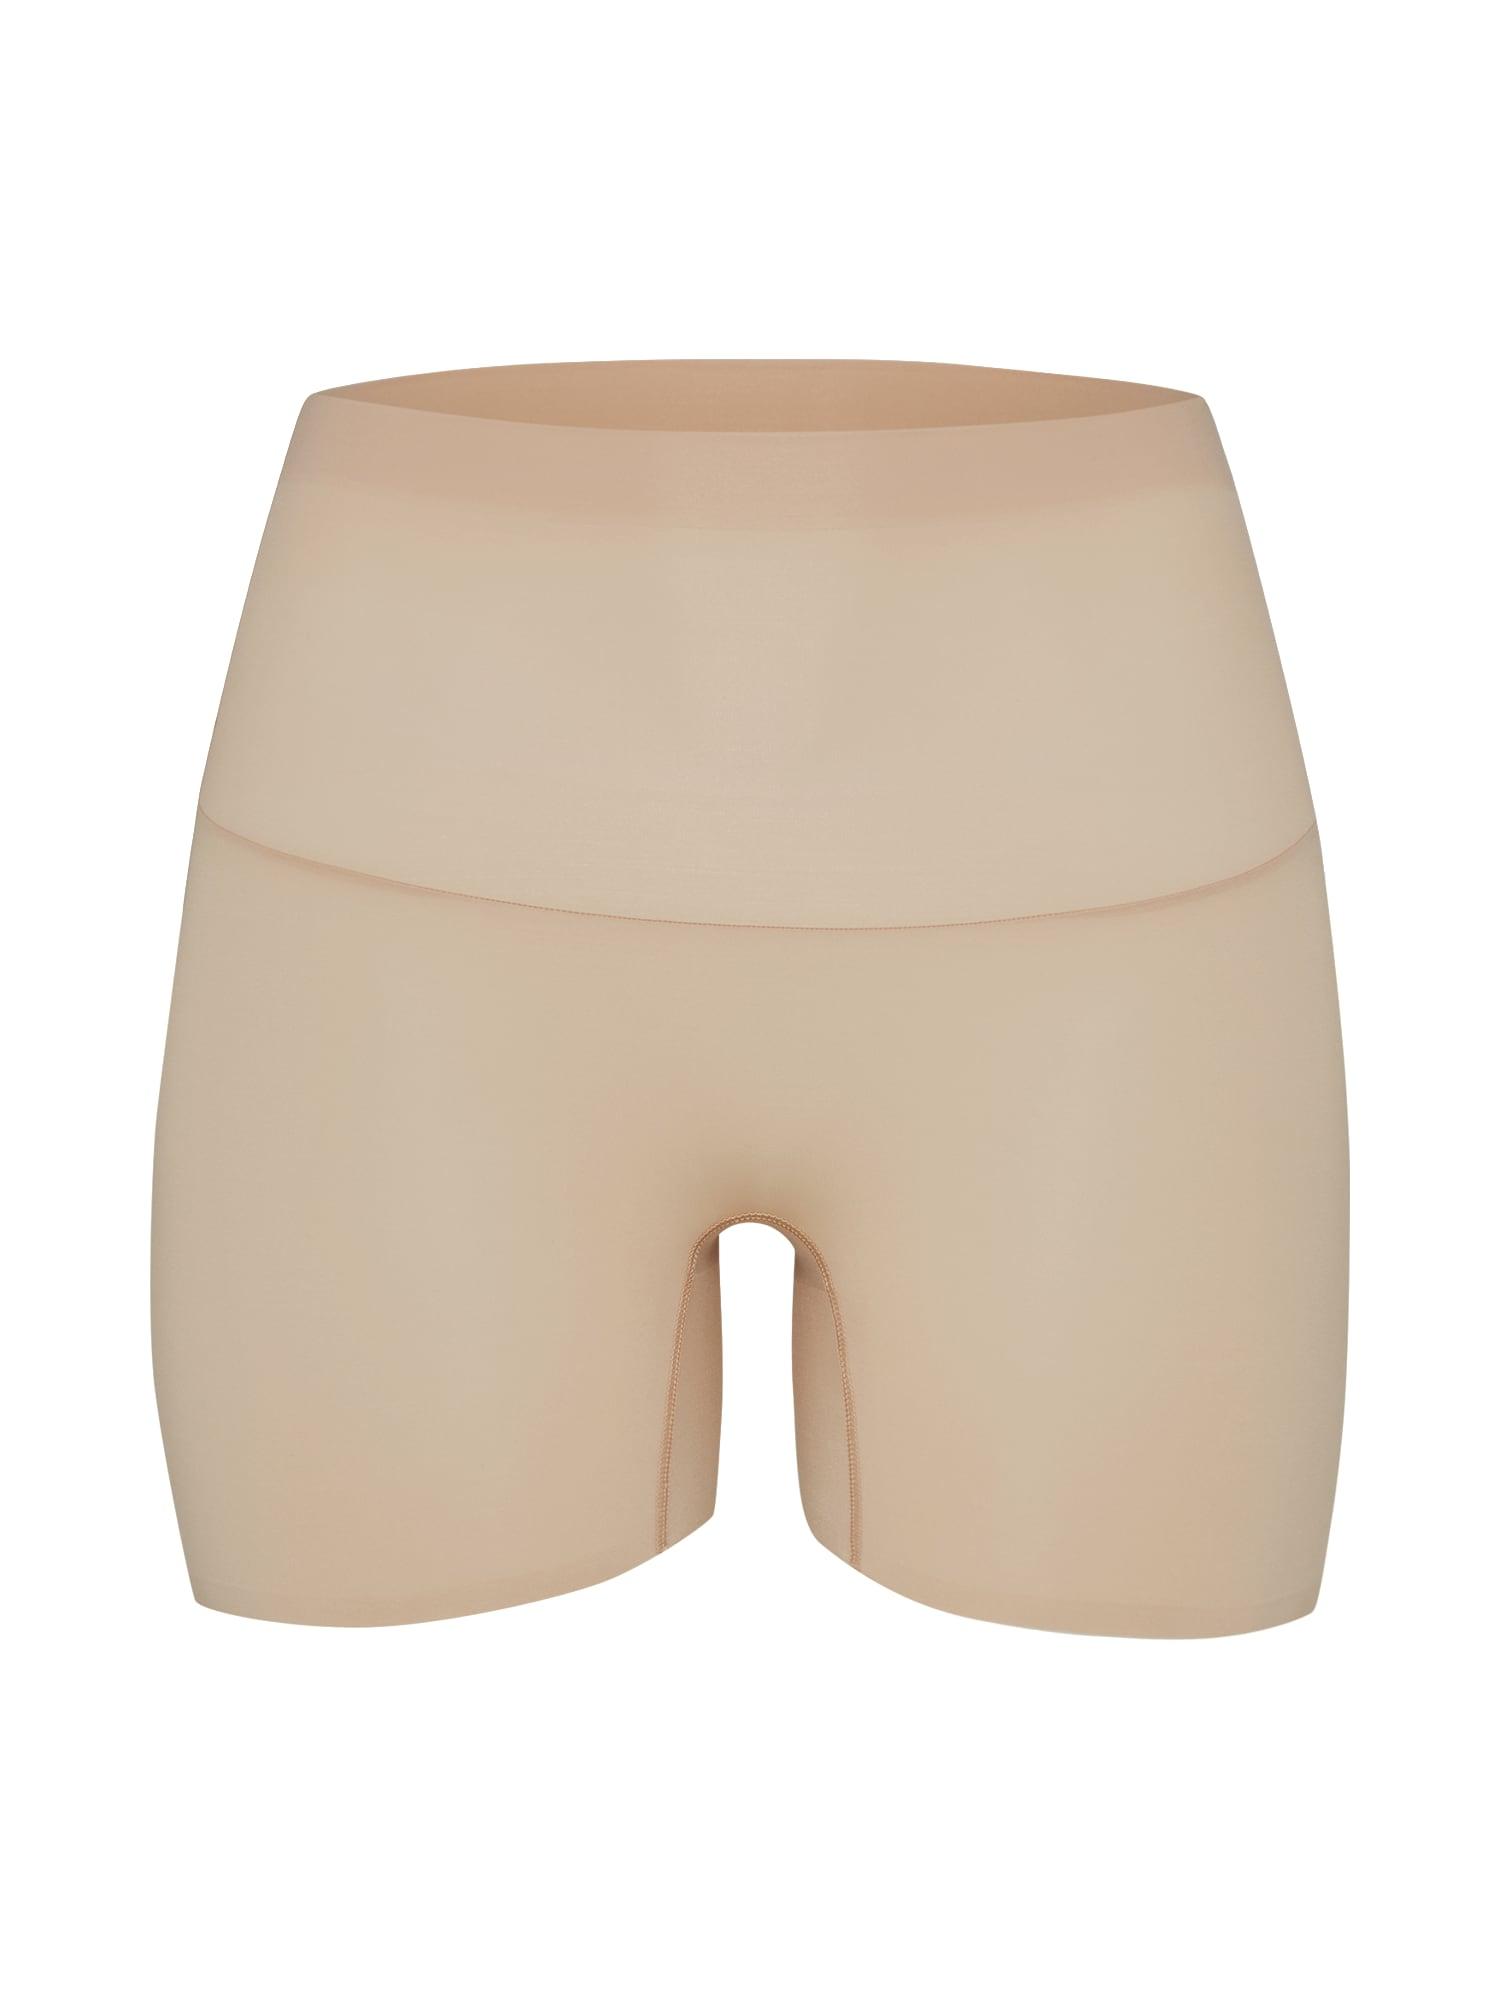 Stahovací kalhotky SHAPE MY DAY béžová tělová SPANX